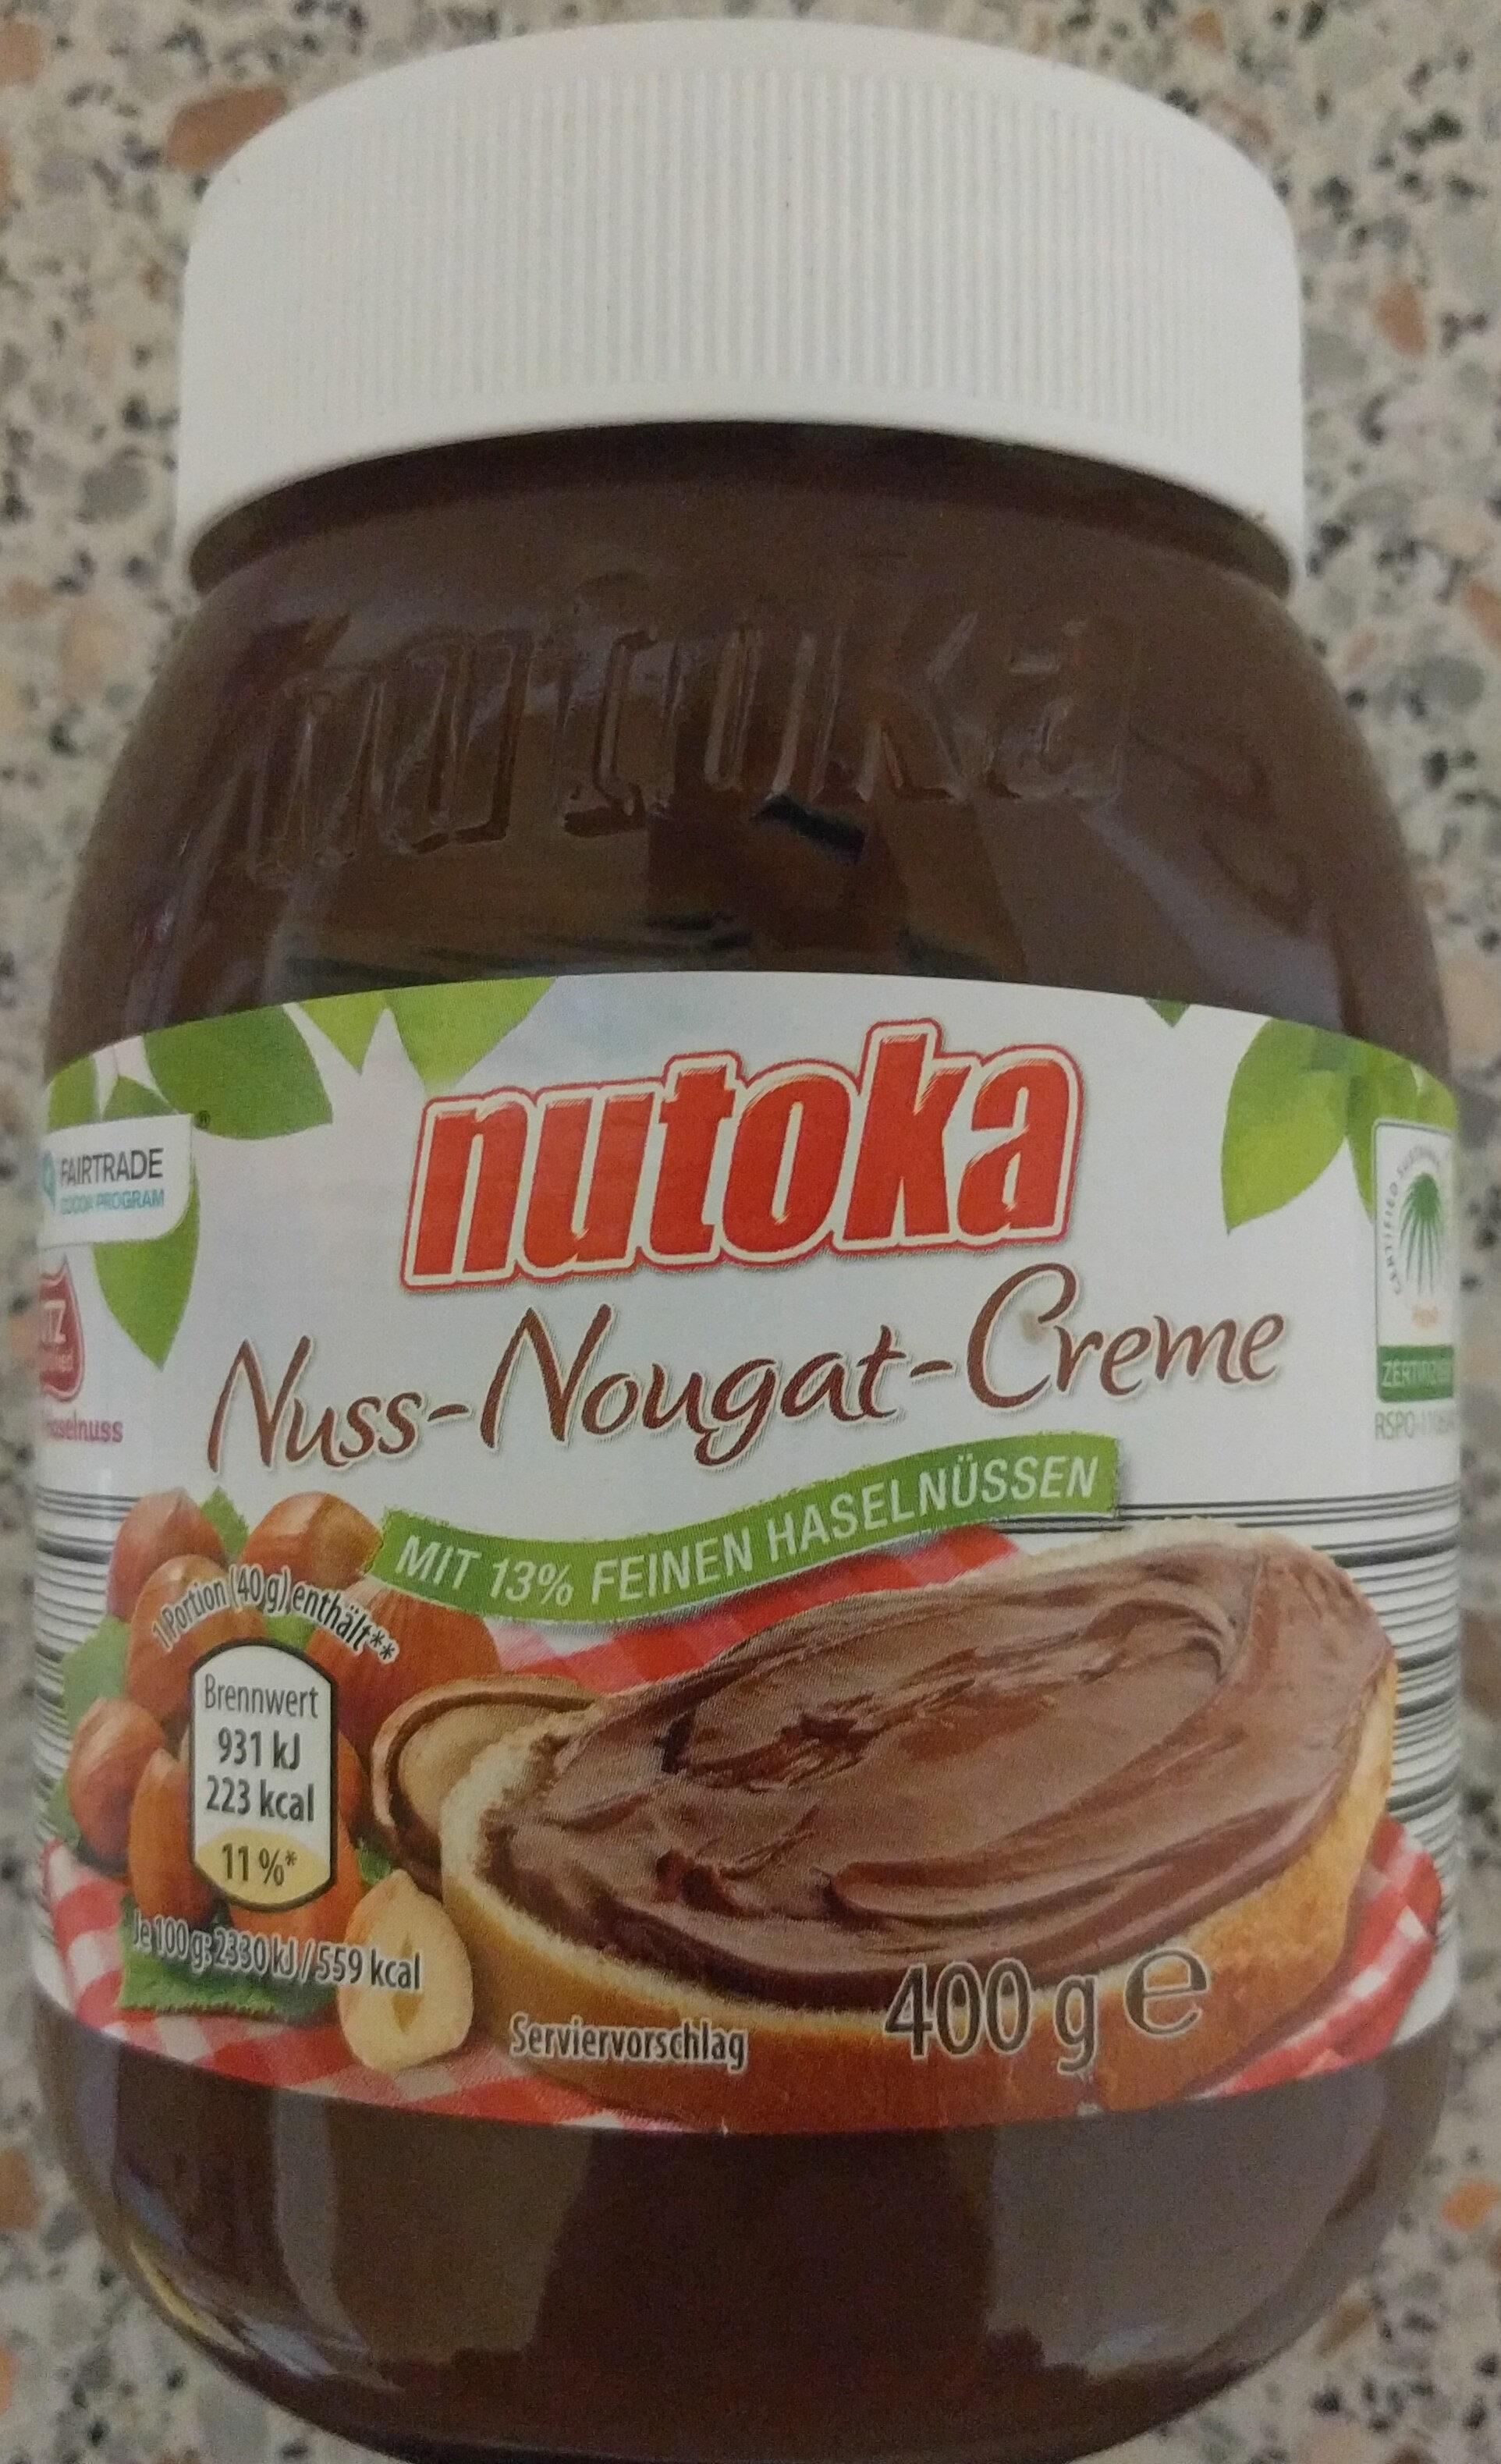 Nutoka noisette nougat crème - Produkt